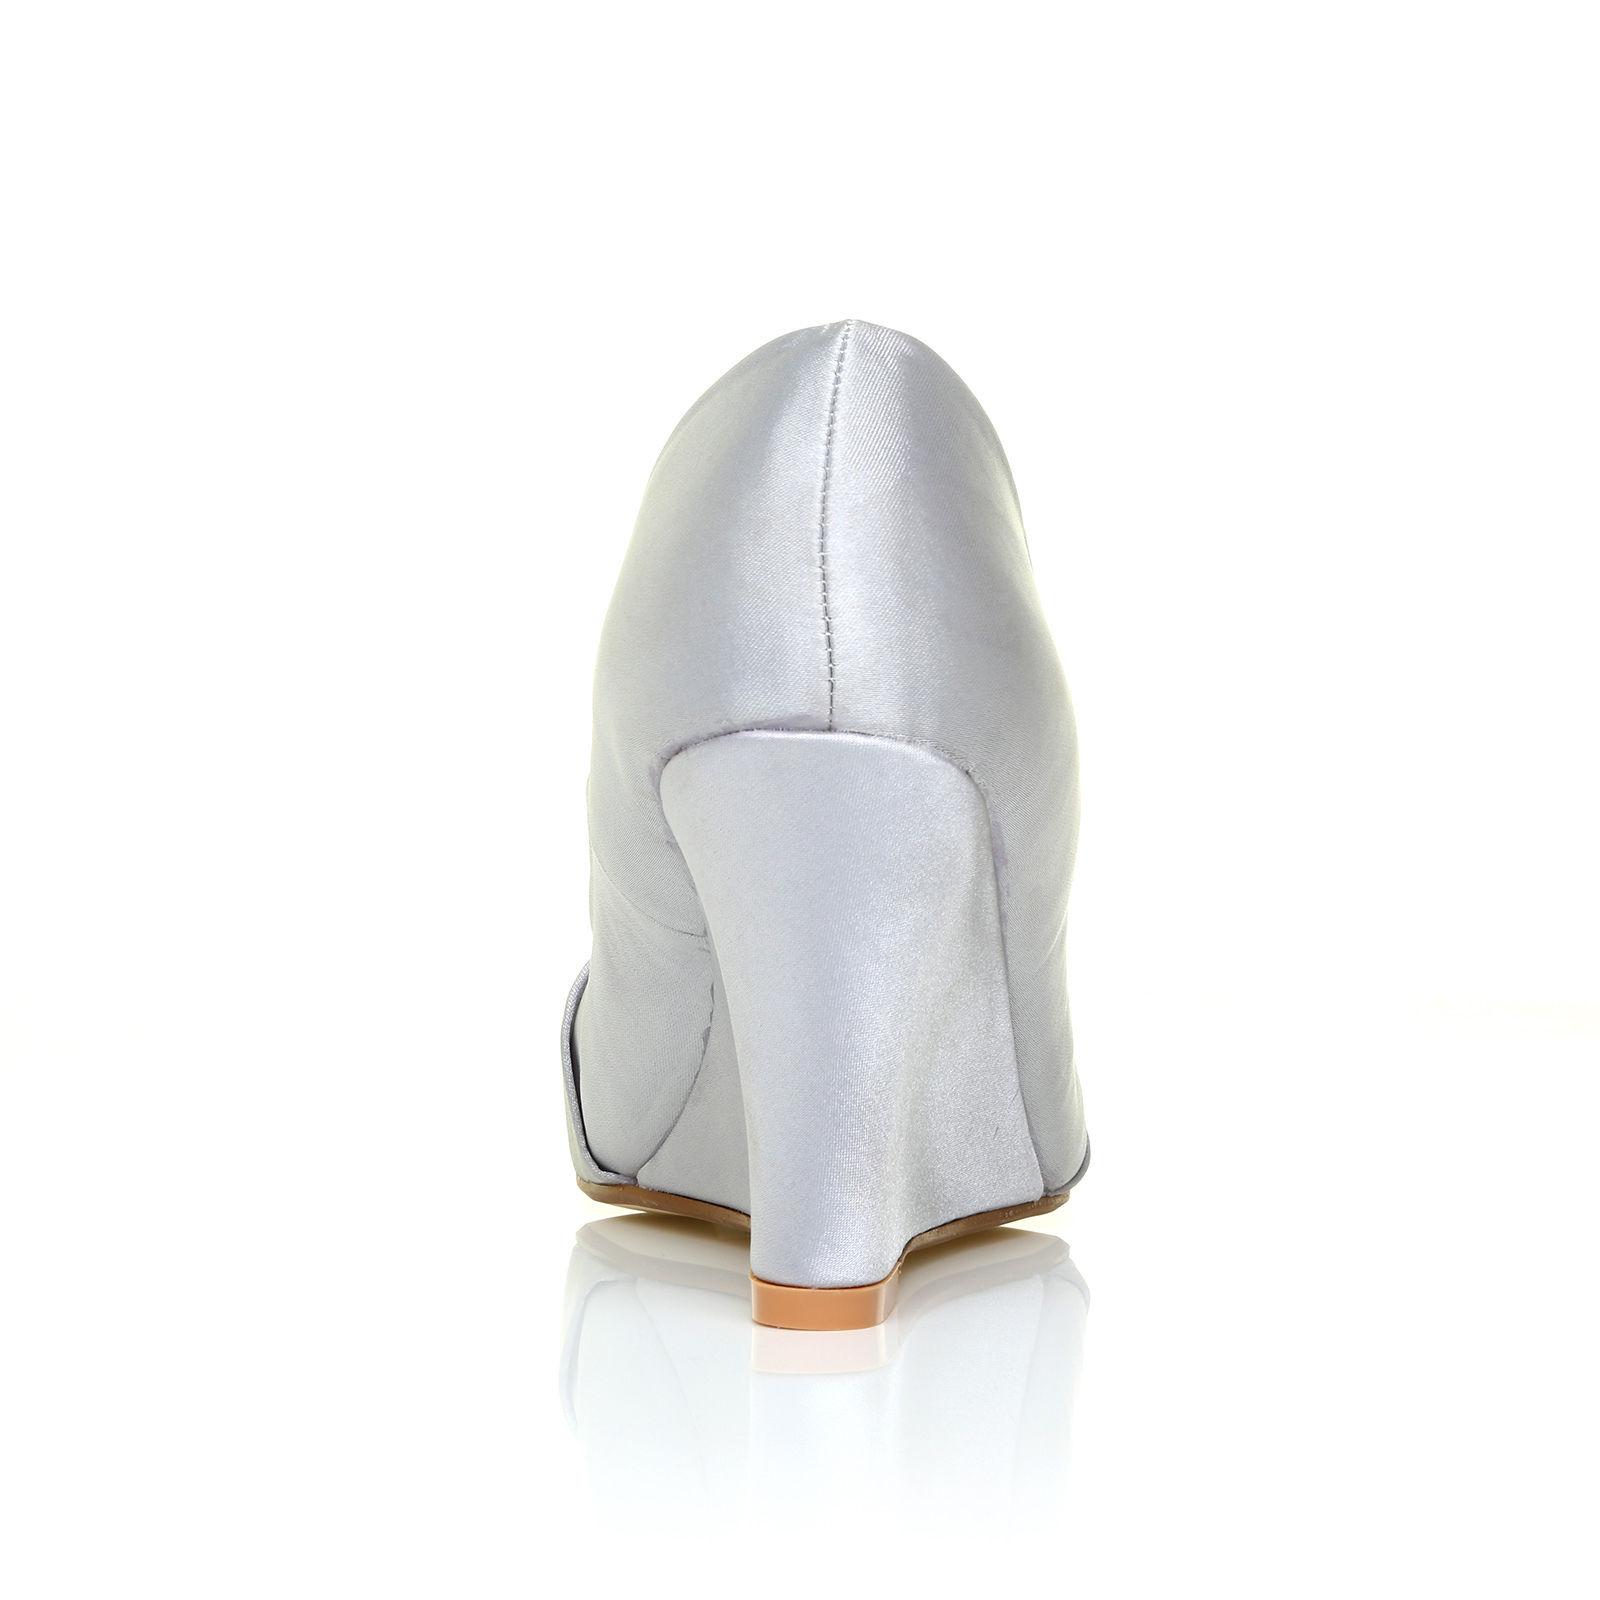 Stříbrné společenské boty, klínek, 36-41 - Obrázek č. 3